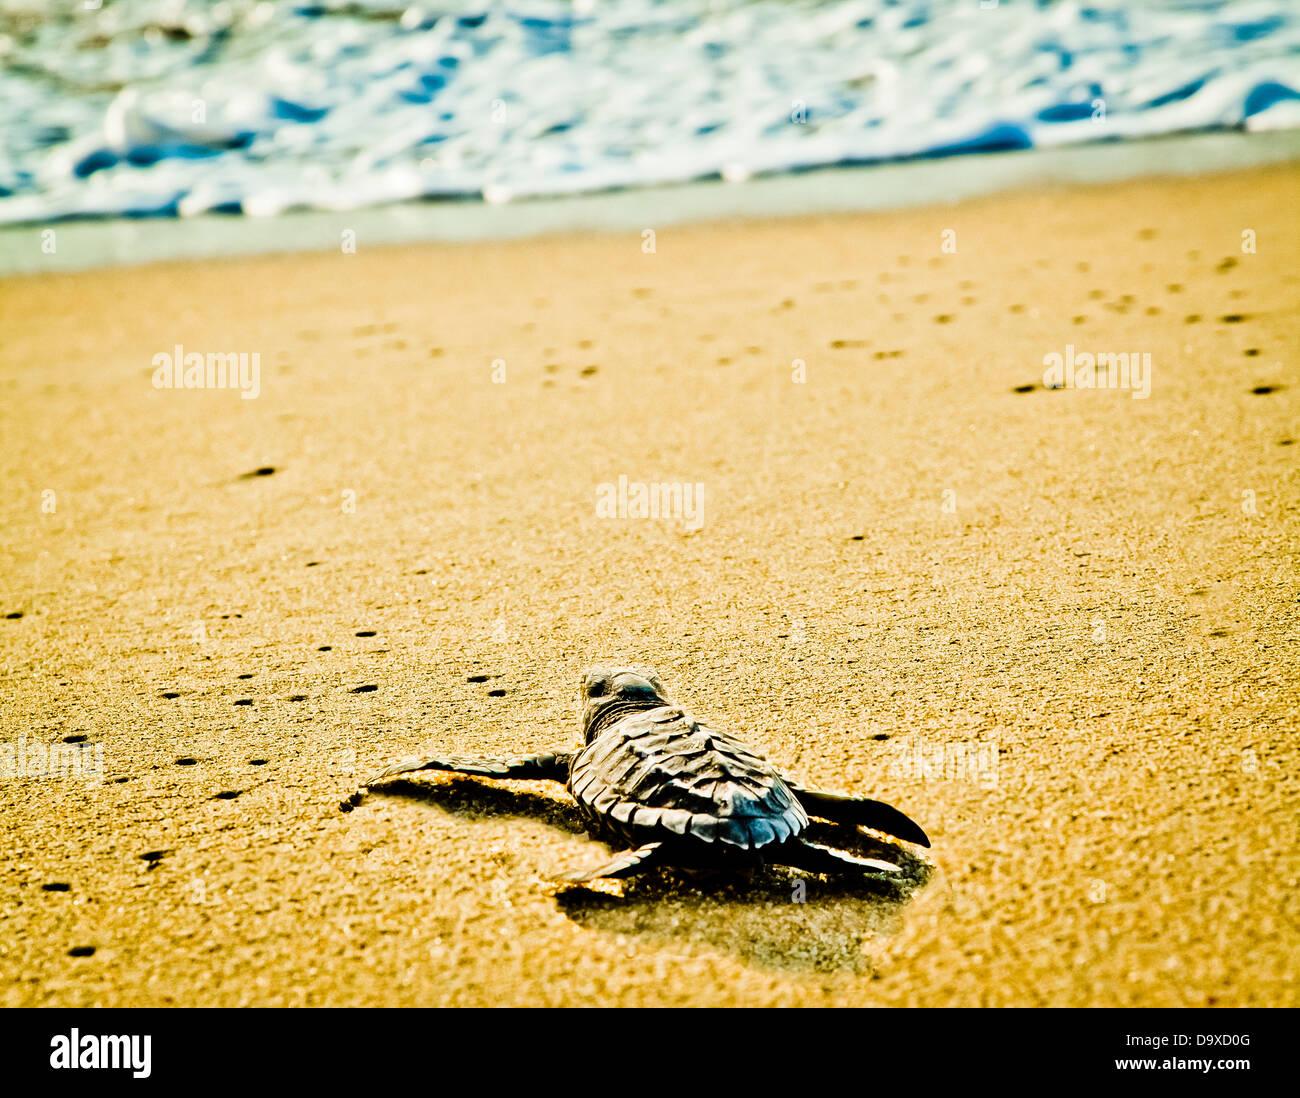 Di recente le tartarughe tratteggiata sulla spiaggia Immagini Stock